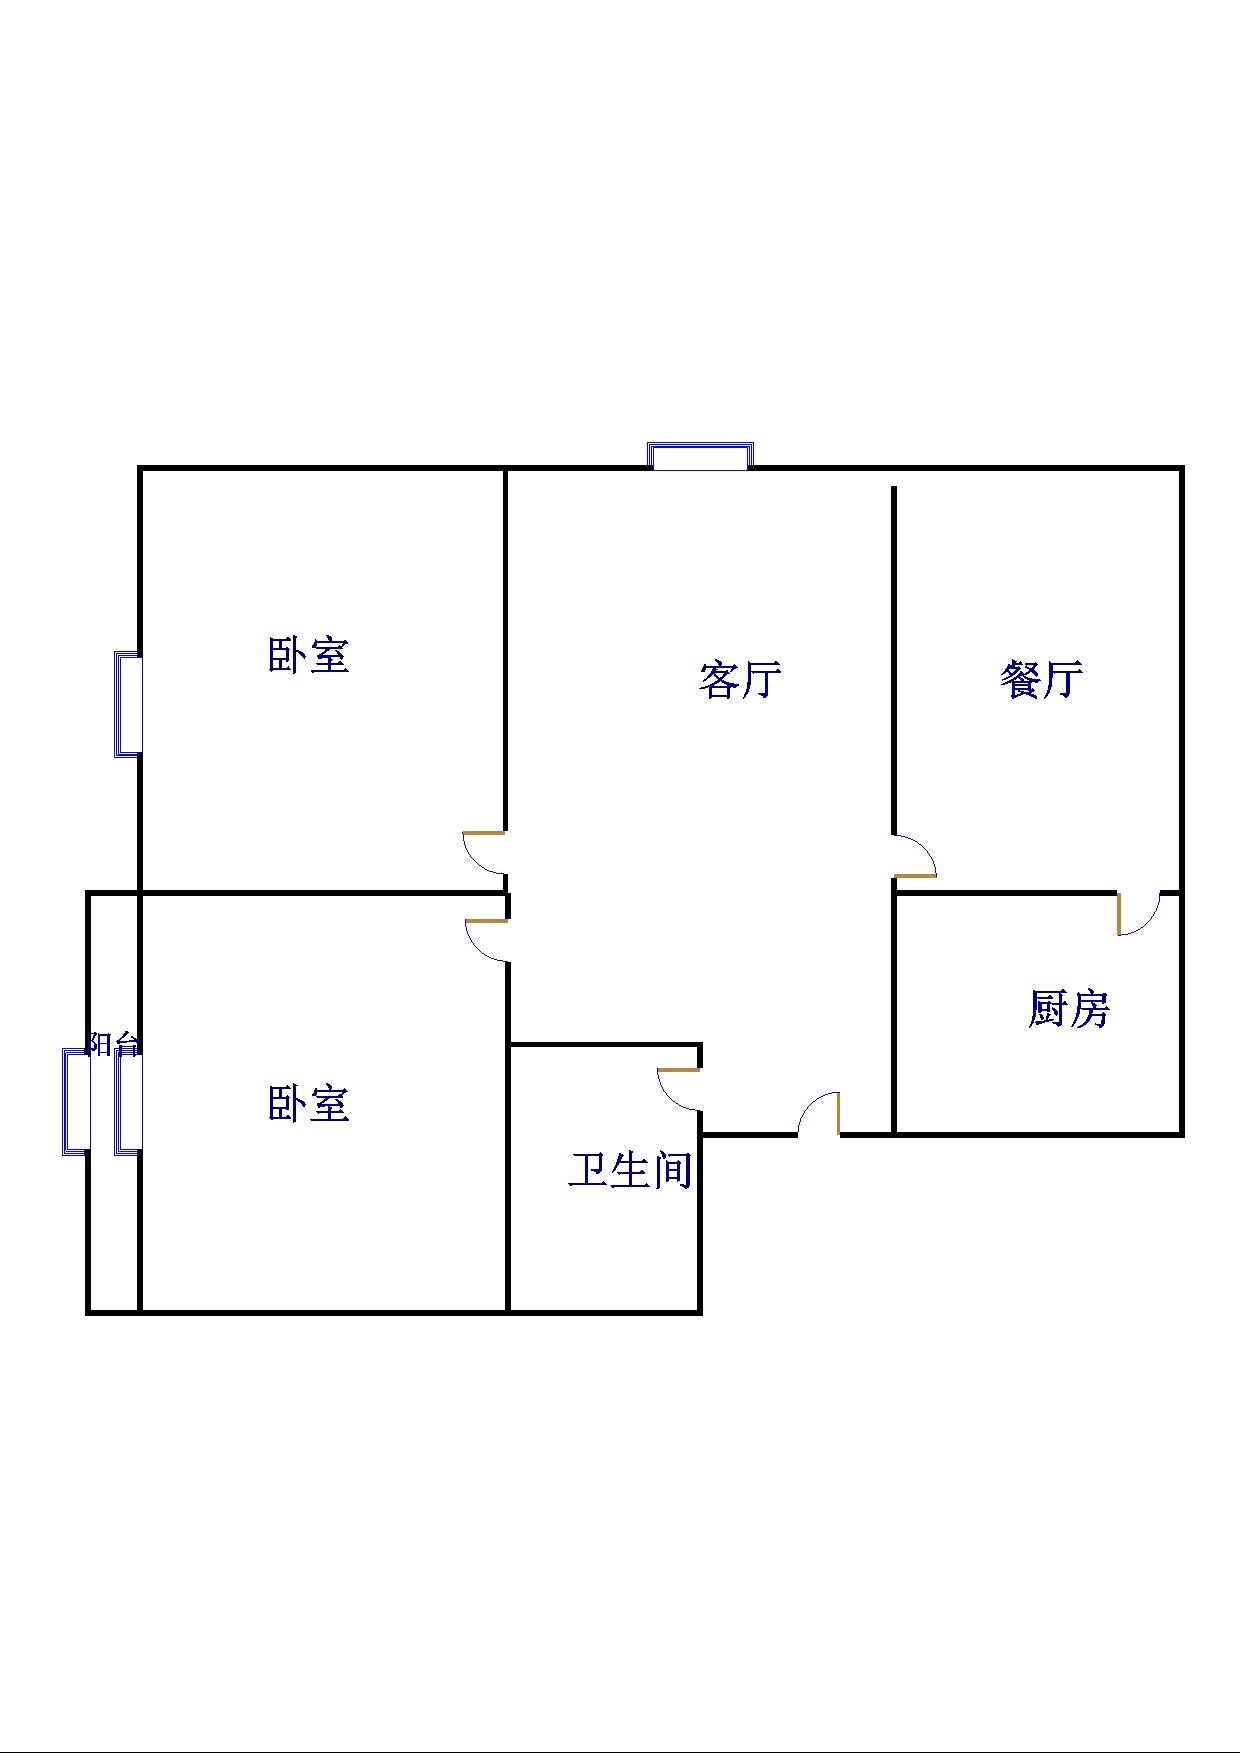 阳光花园小区 2室2厅 3楼